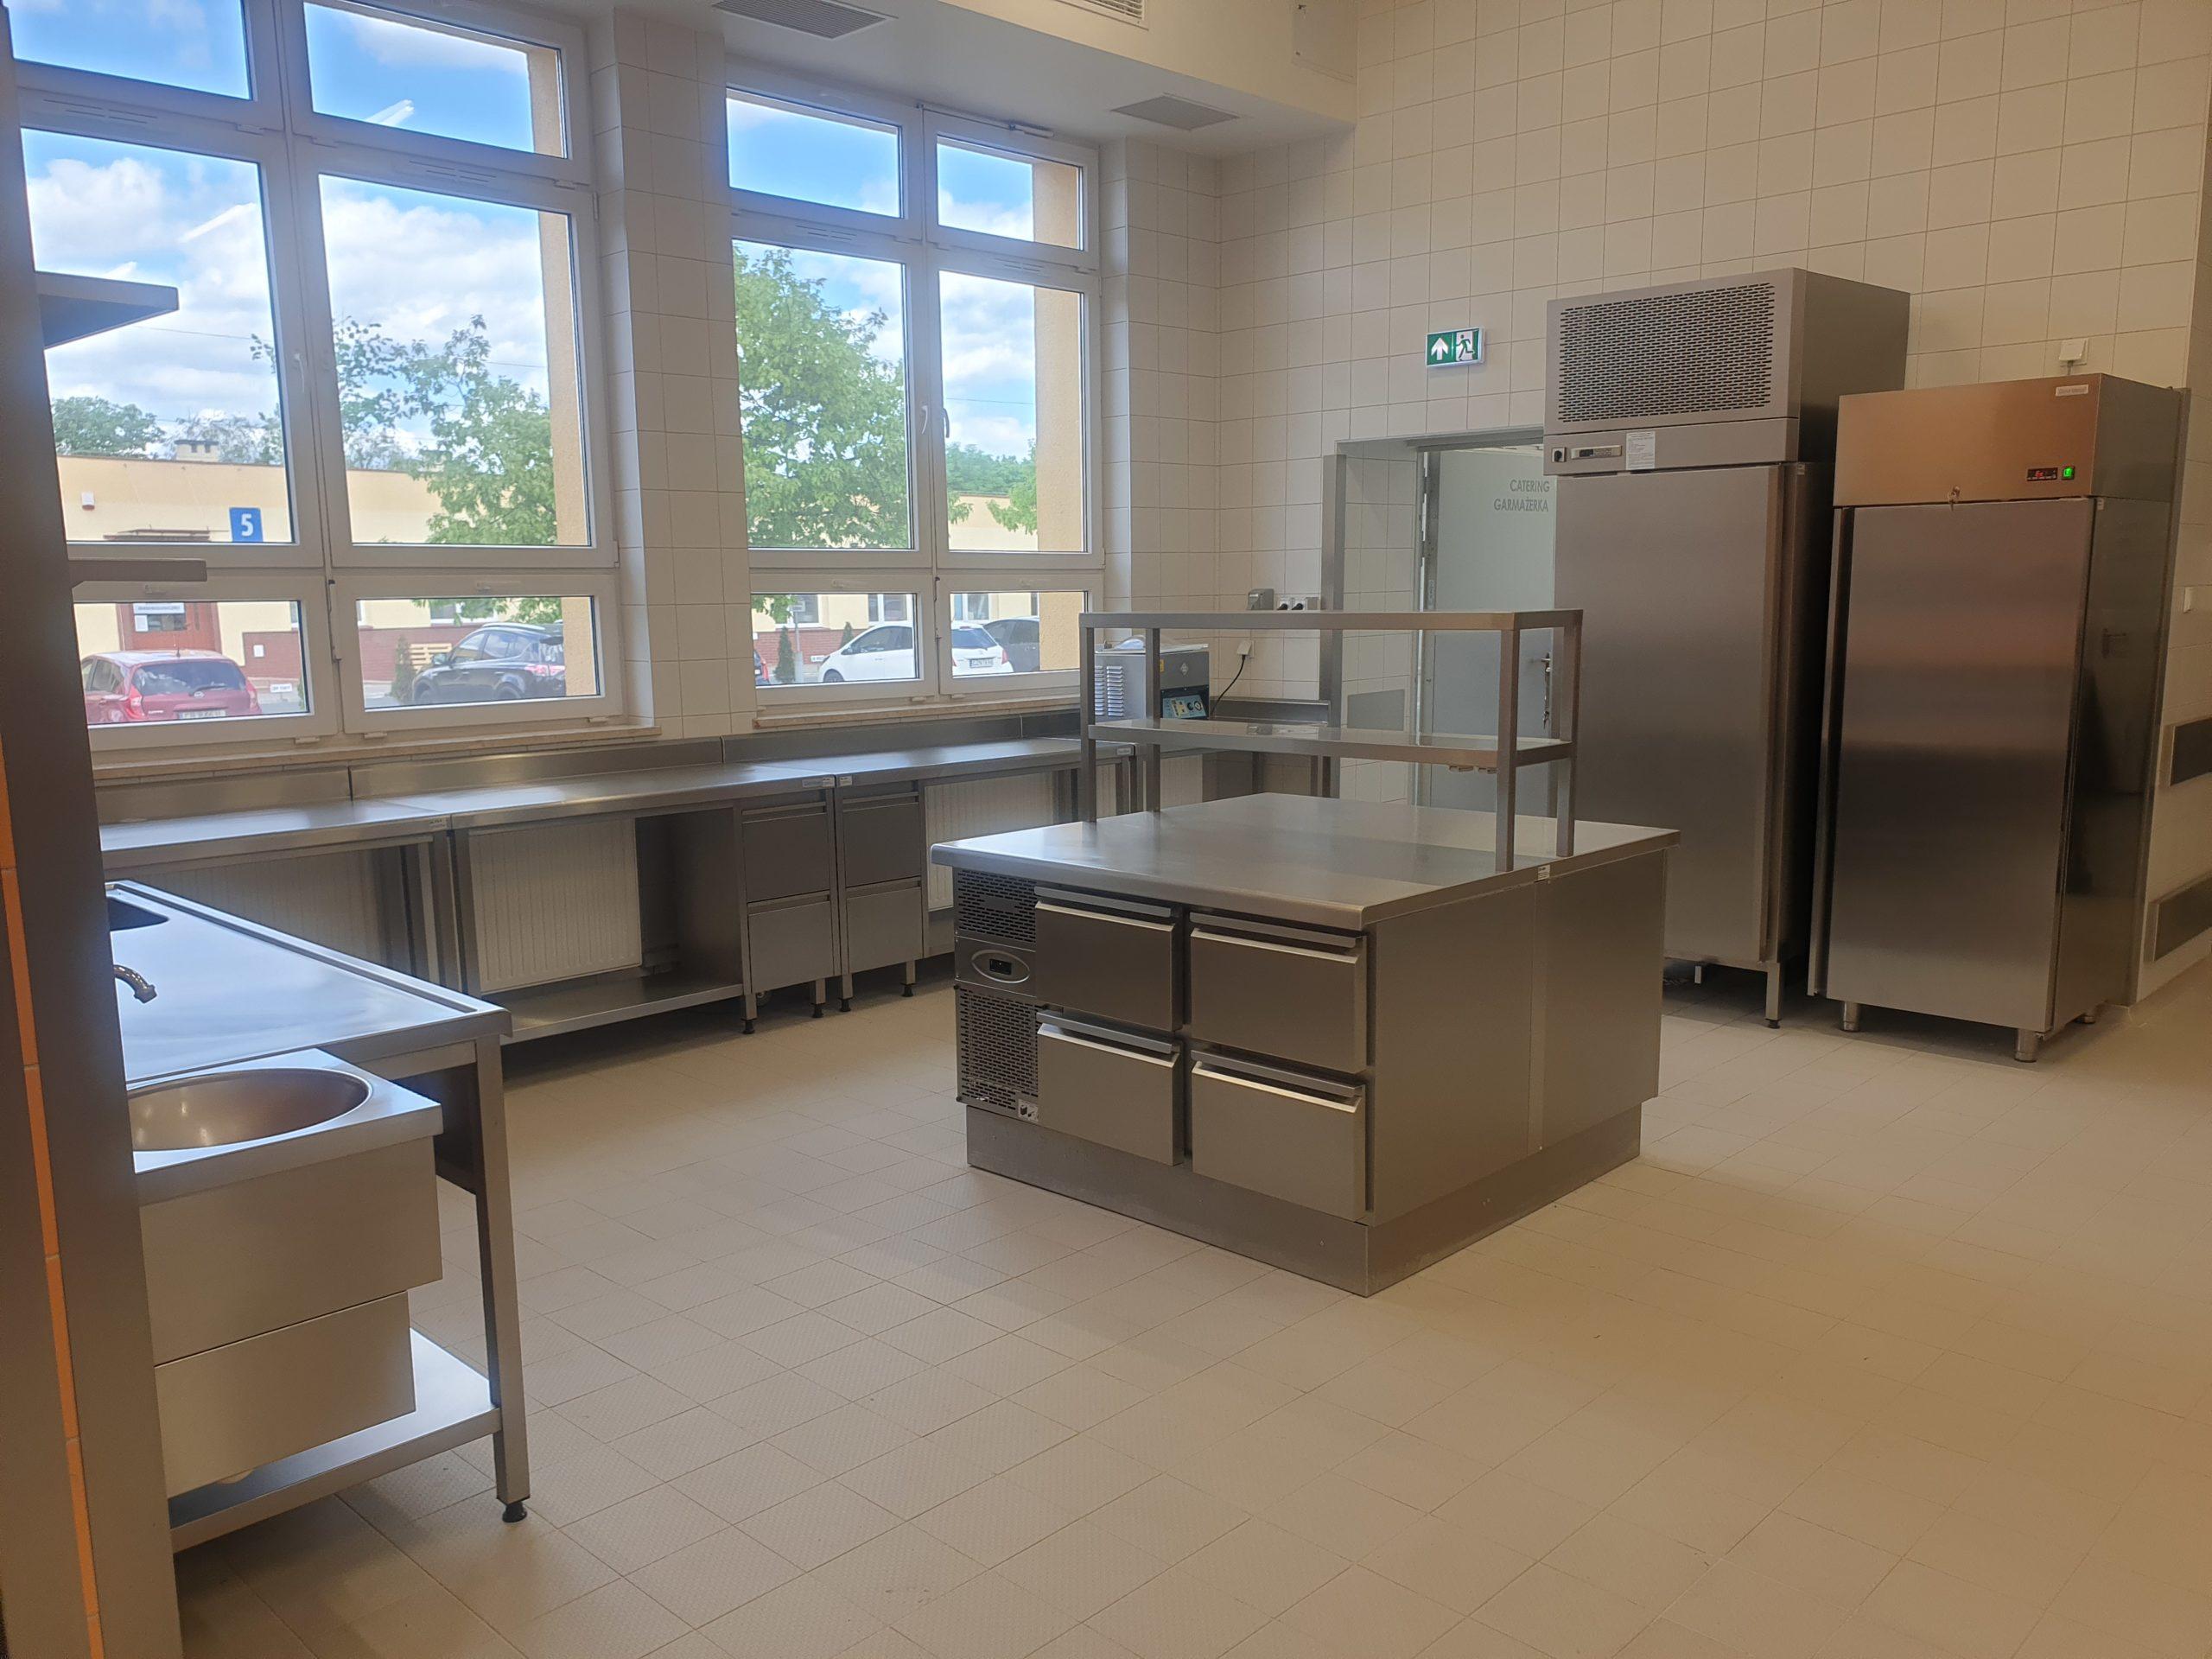 2020 - ALLGAST - Szpital im. Biziela w Bydgoszczy - kuchnia - PL (6)